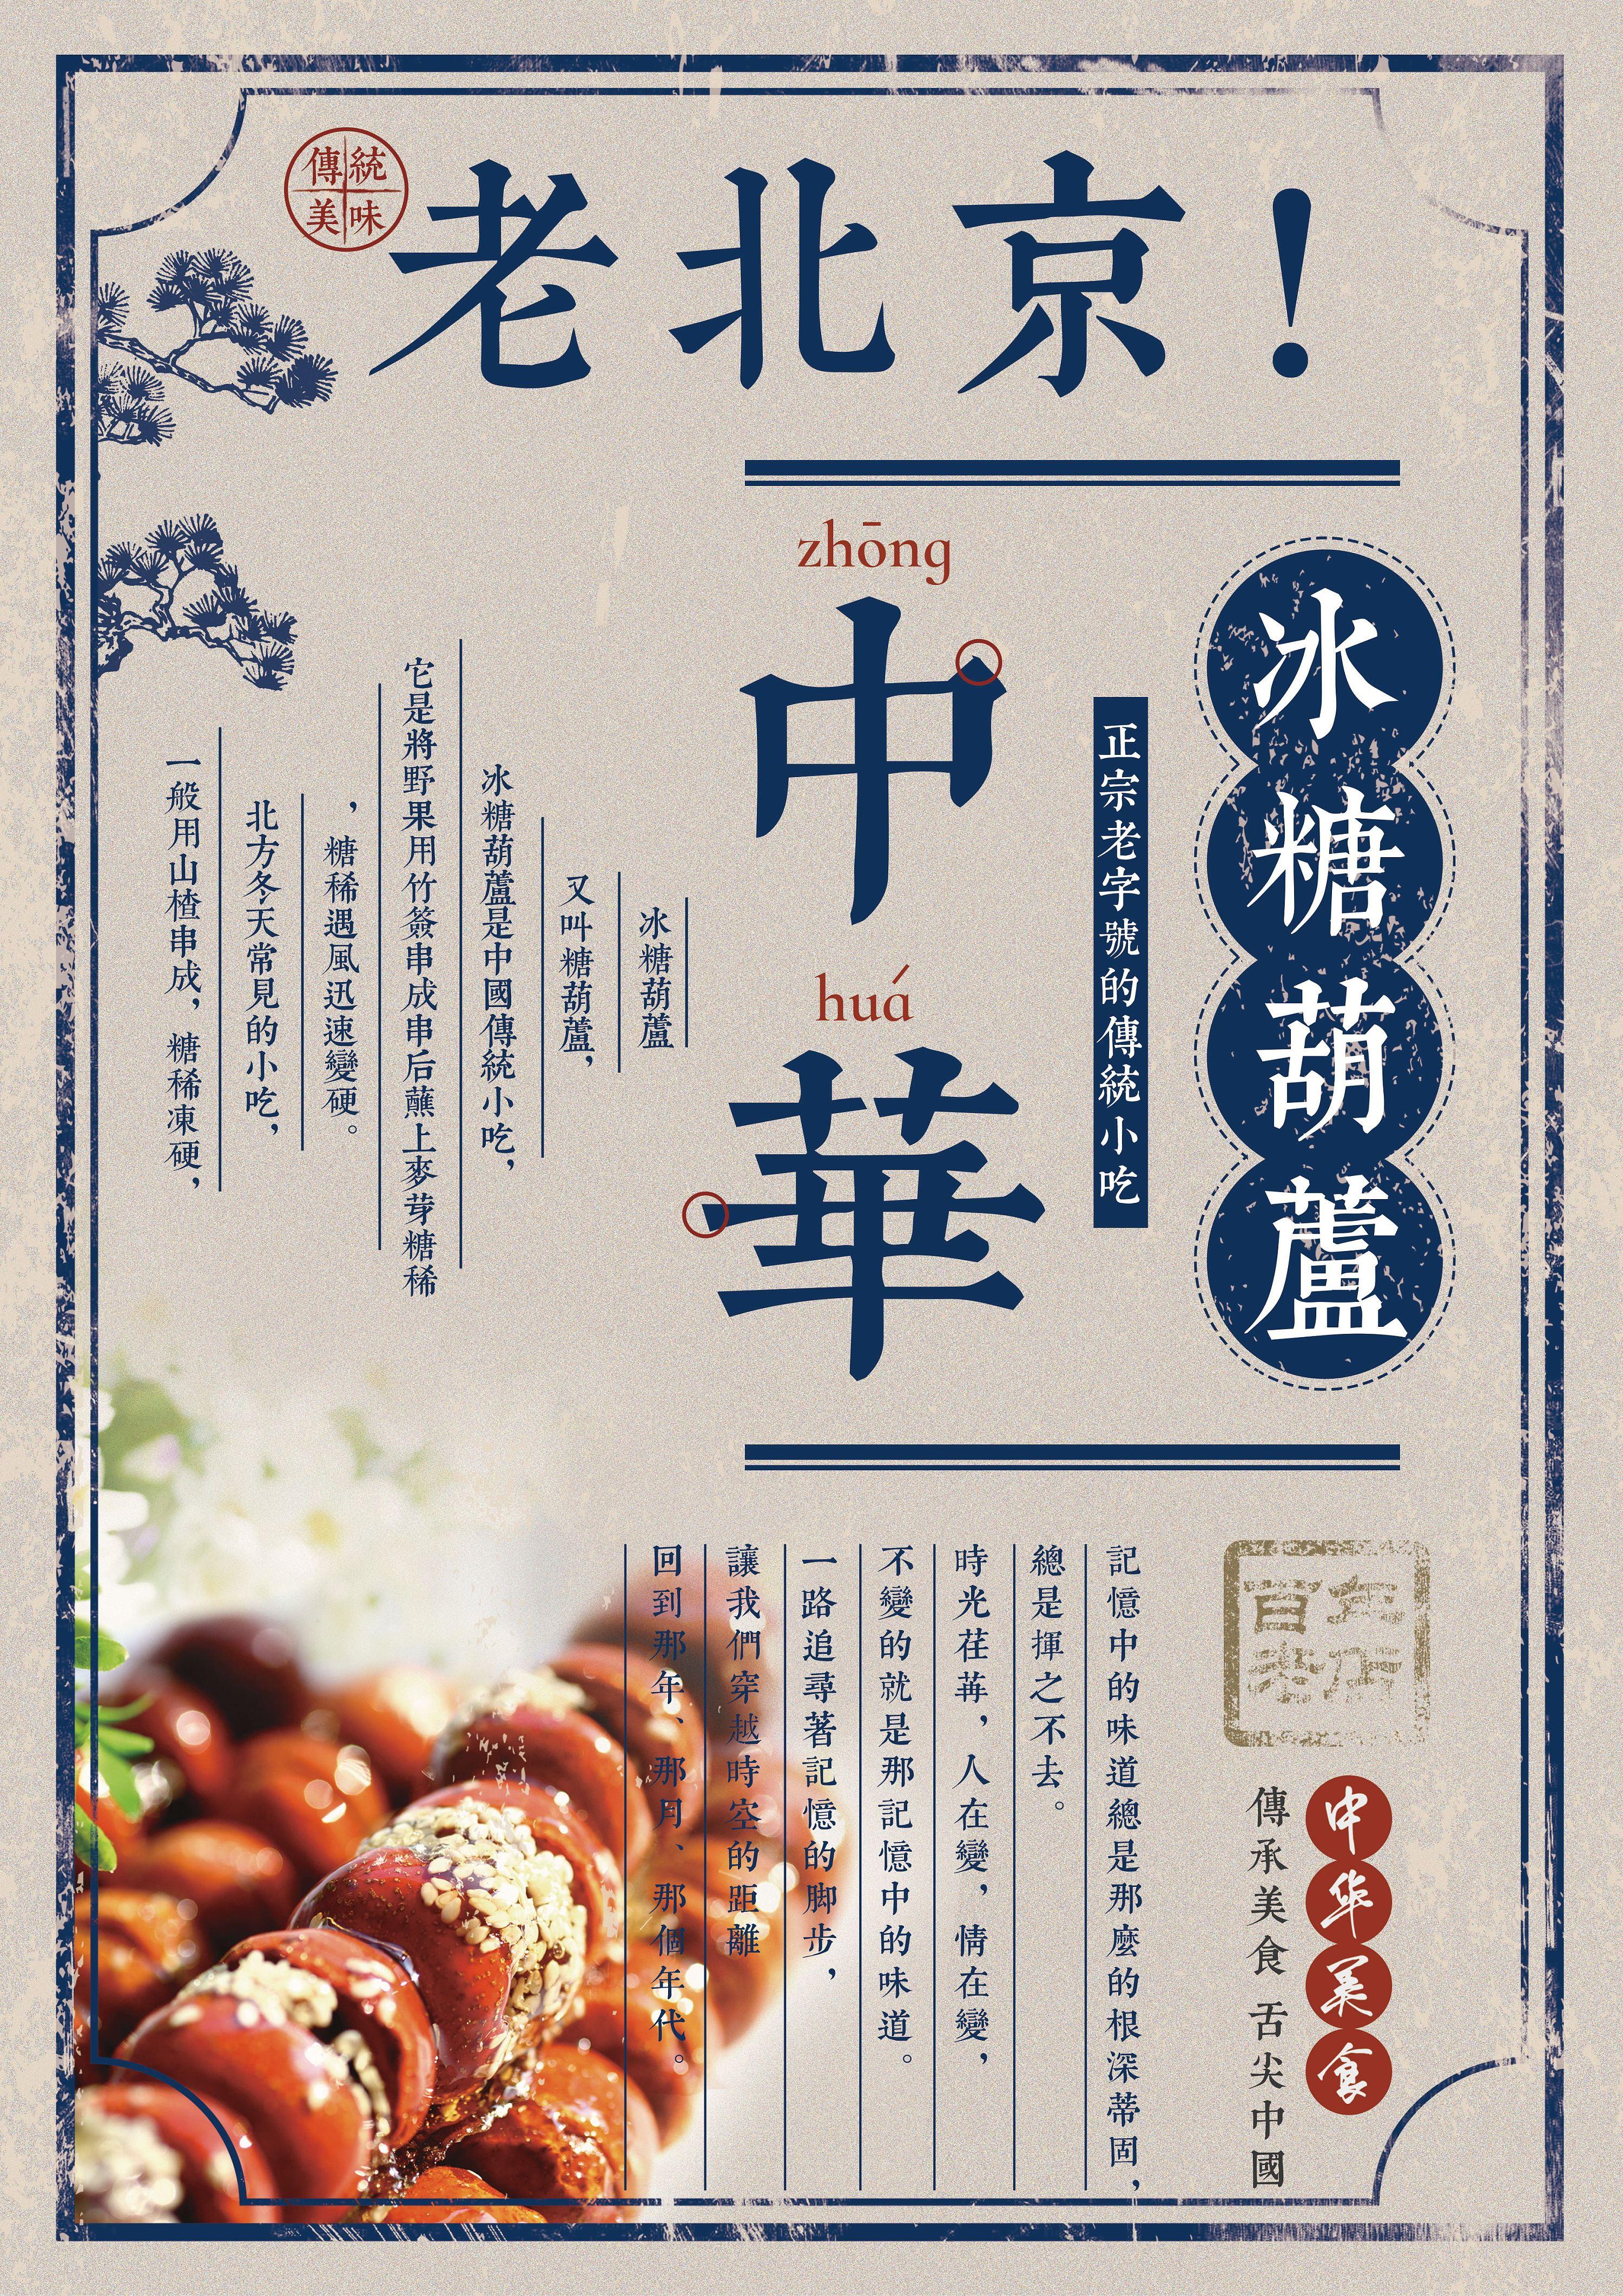 天麻花_美食海报|平面|海报|嗑糖 - 原创作品 - 站酷 (ZCOOL)